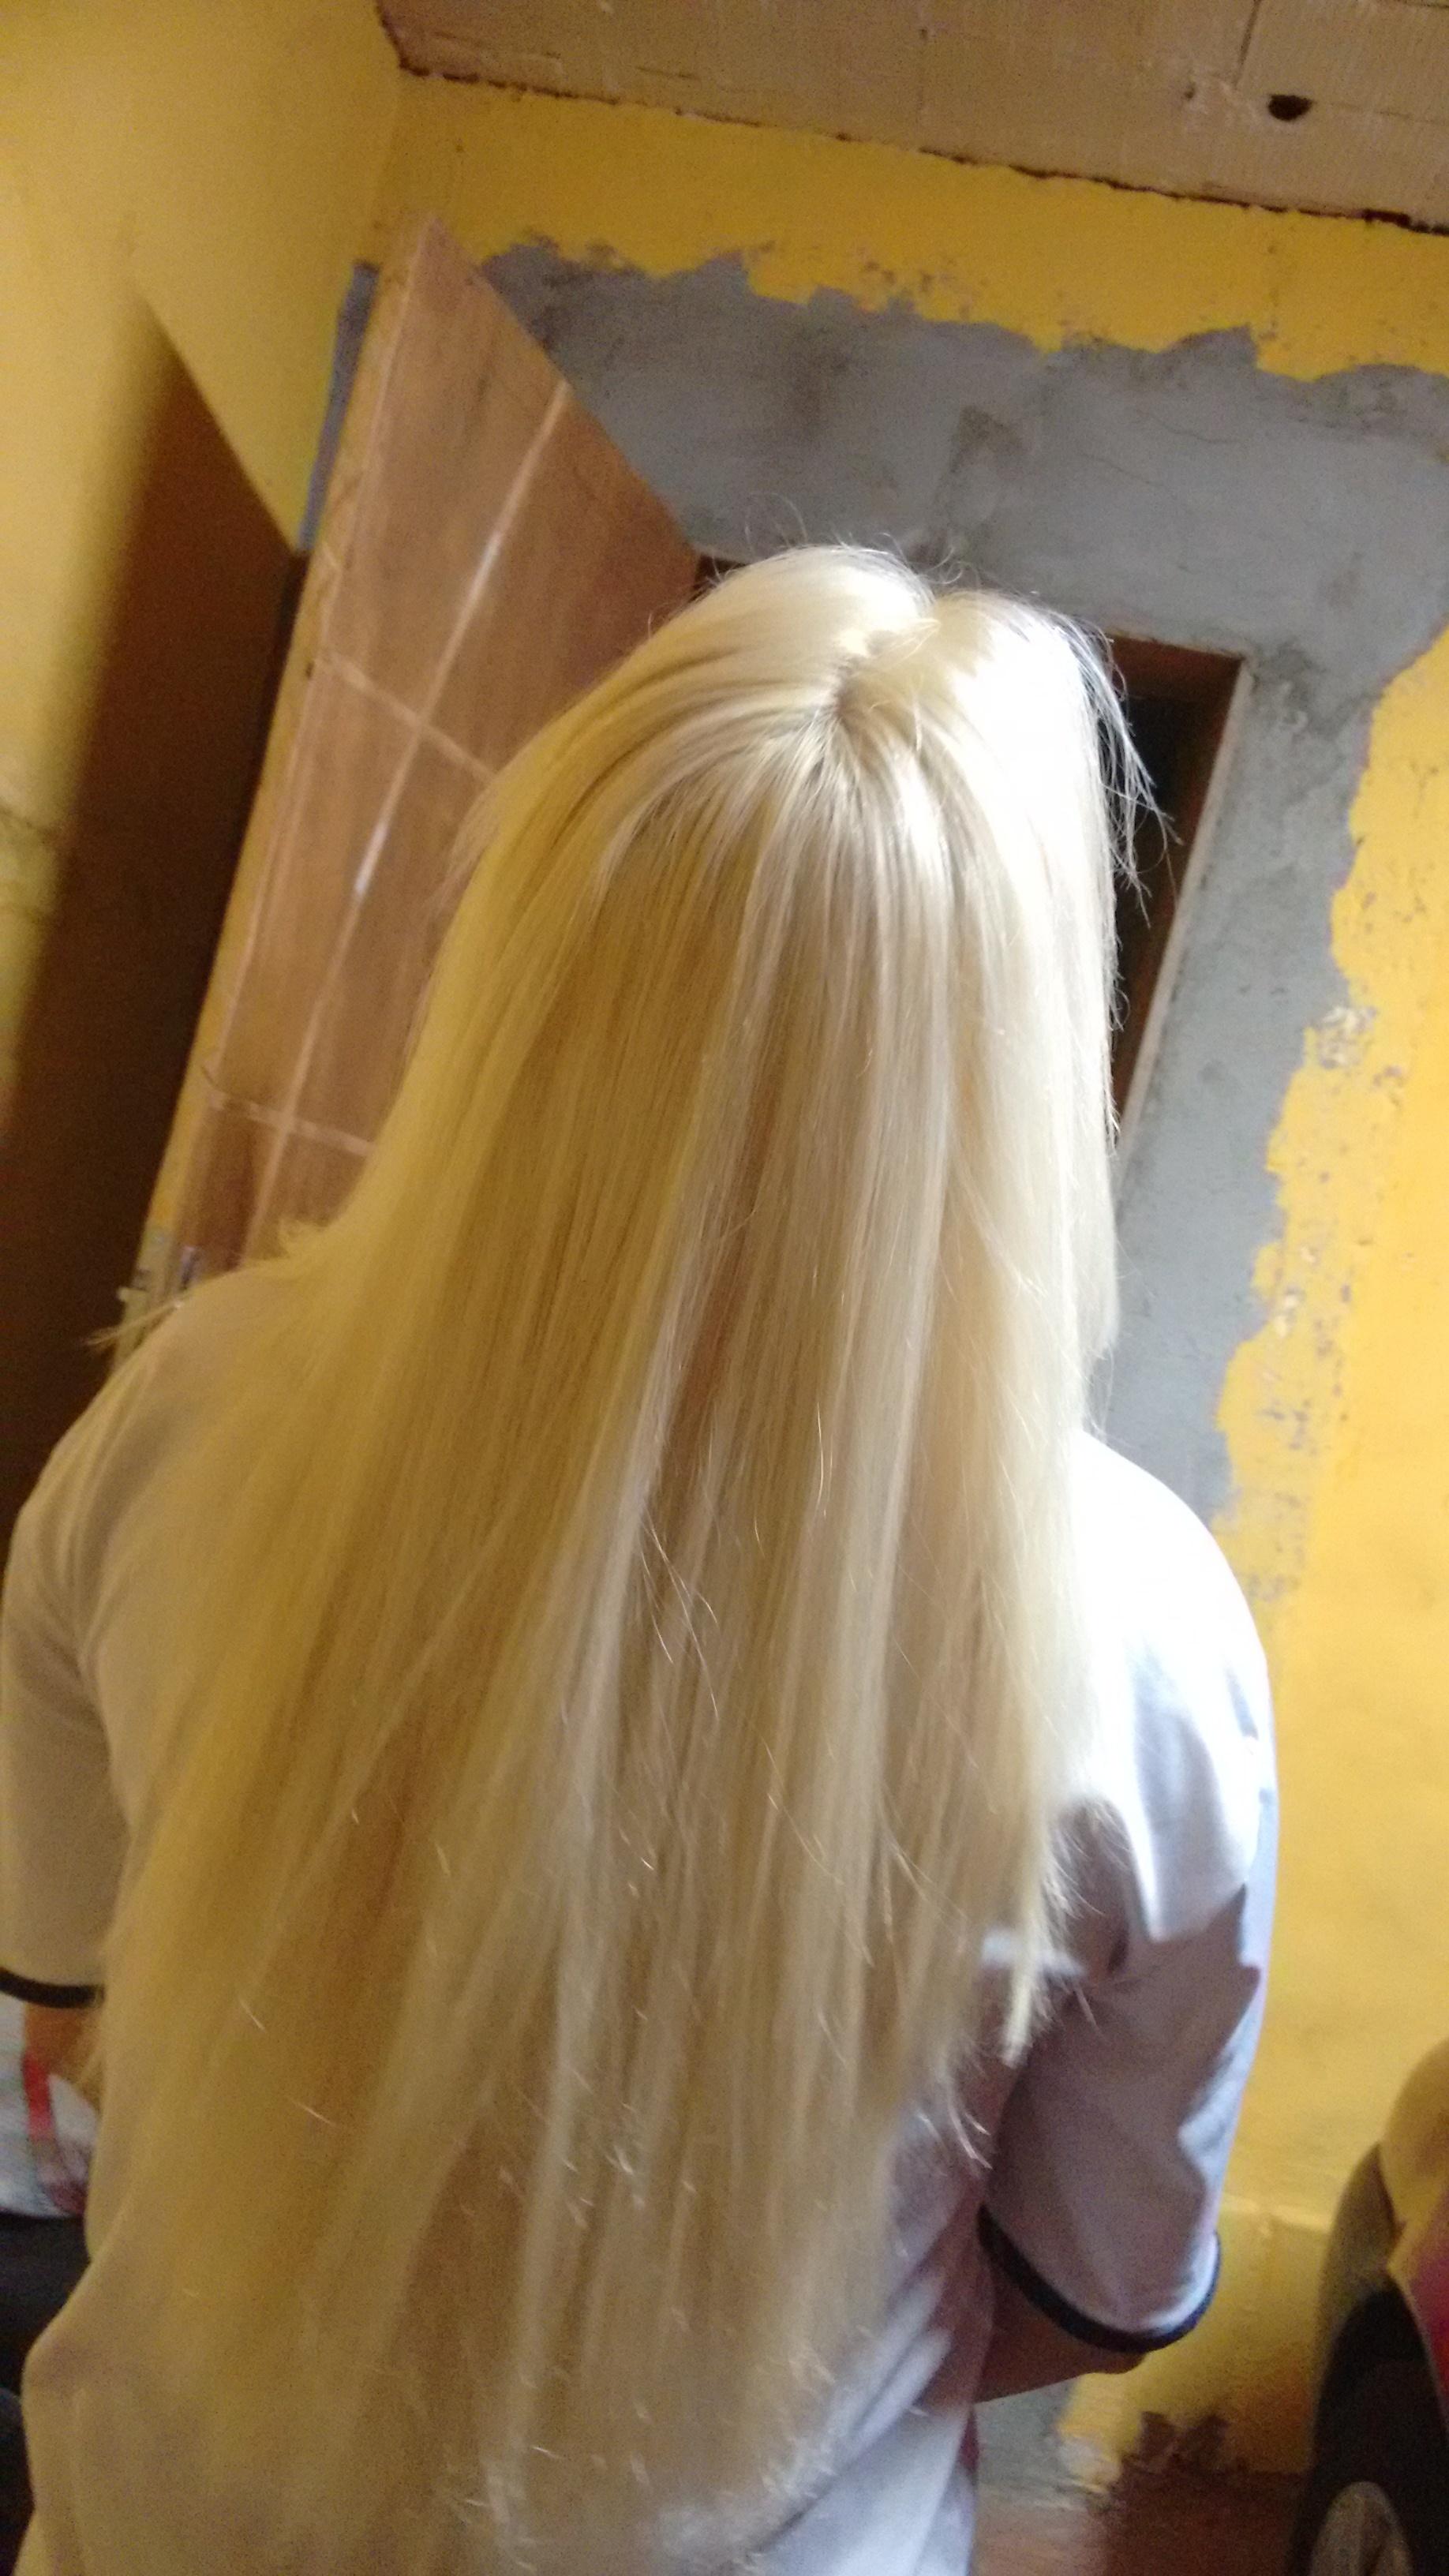 Liiros Descolorir com pó descolorante ,ox 30 e matizei 12,89loiro pérola cabeleireiro(a) auxiliar cabeleireiro(a) auxiliar cabeleireiro(a) barbeiro(a) cabeleireiro(a) cabeleireiro(a) cabeleireiro(a) cabeleireiro(a) cabeleireiro(a) cabeleireiro(a) cabeleireiro(a) cabeleireiro(a) cabeleireiro(a)